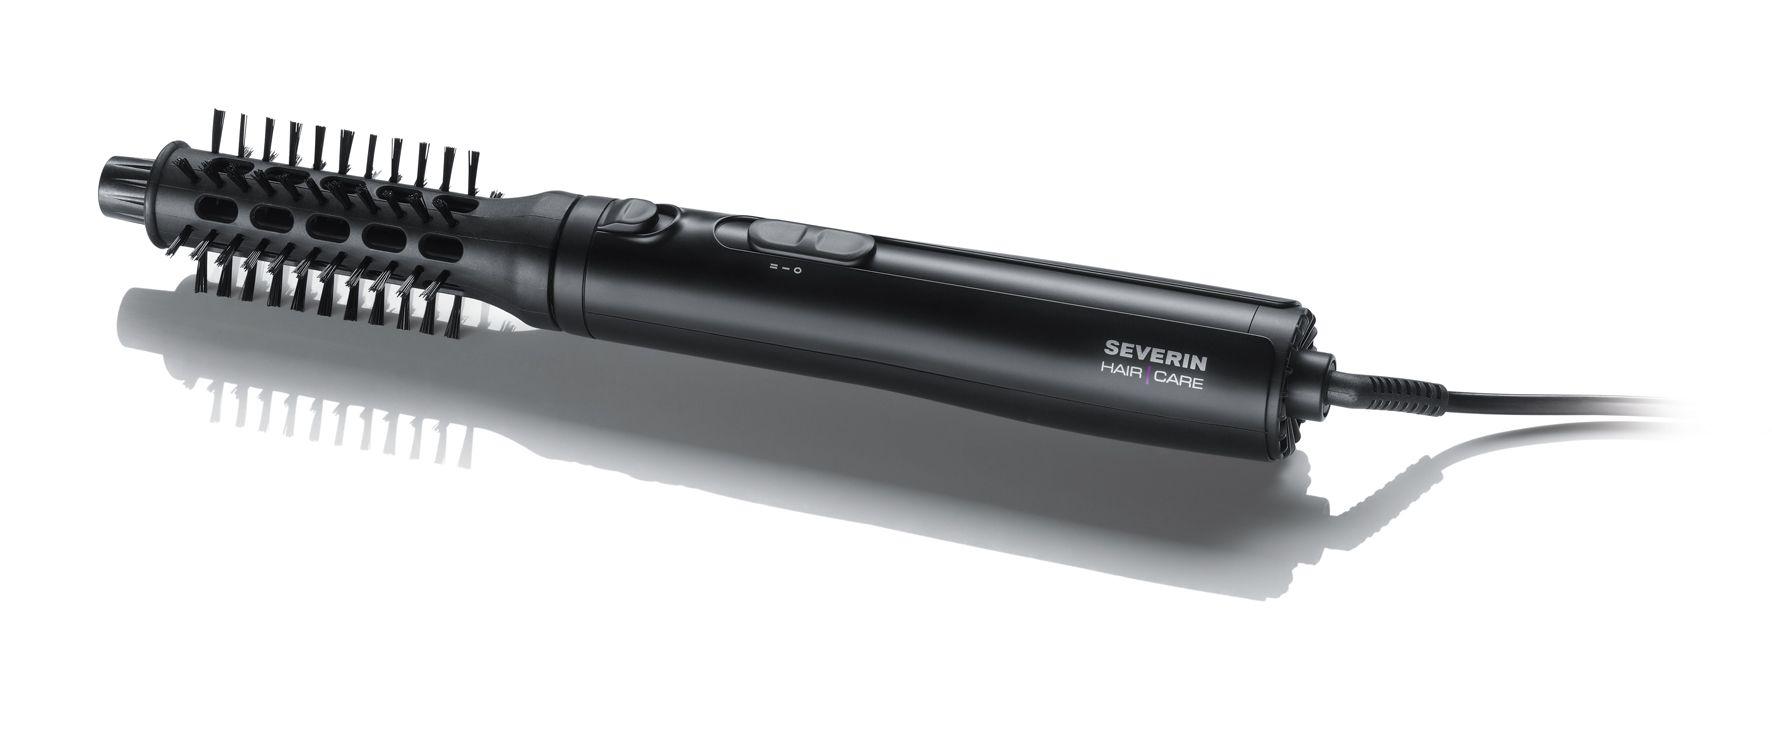 Rizador con aire caliente, negro Ref. 0809  300 Watios  Conector con dos velocidades y posiciones  Accesorio (25.4 mm de diámetro) sintético de cerdas suaves  Accesorio ( 20 mm diámetro) sintético con cerdas duras  Liberación automática del rizo al toque de un botón que ayuda a la liberación de los cabellos.  cable de alimentación con articulación giratoria para evitar daños en el mismo  Unidad de embalaje de 12 pcs. EAN 4008146003967